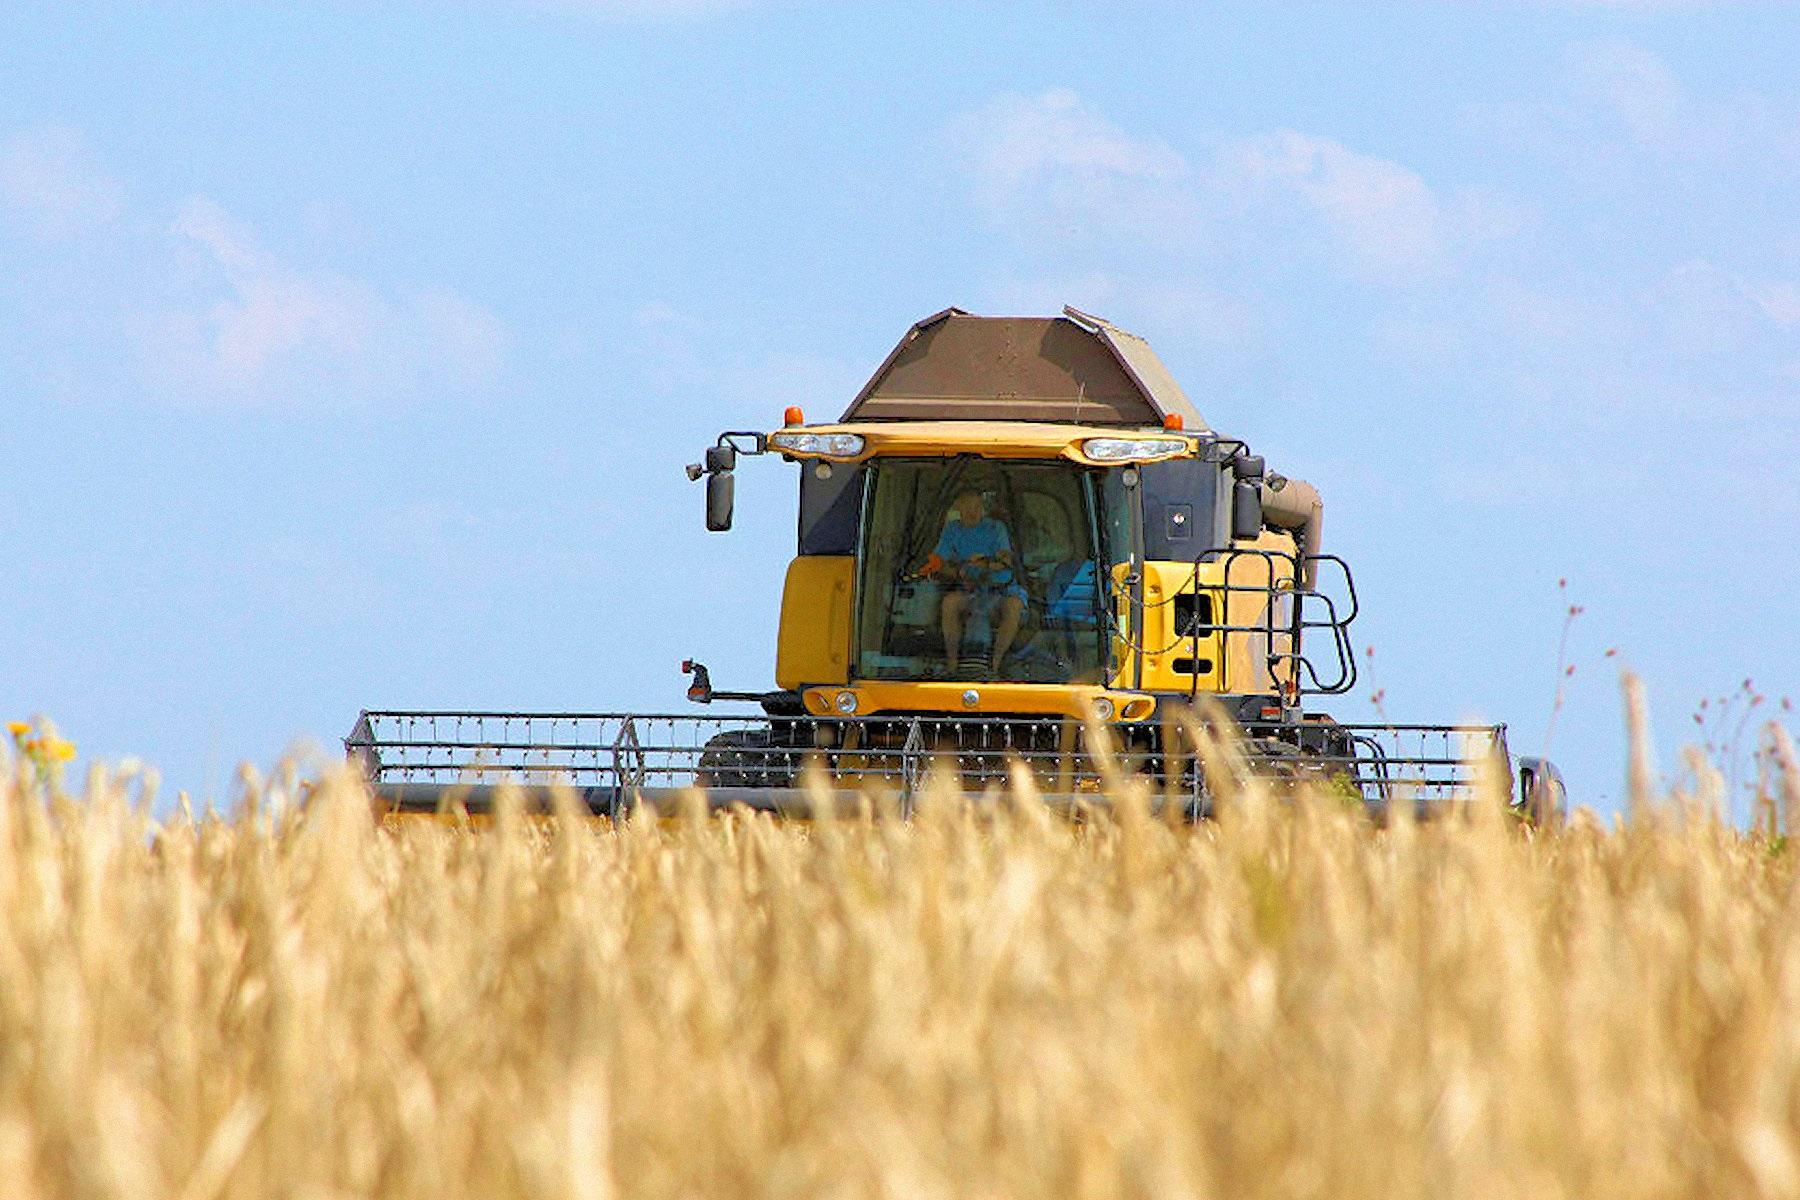 00-russia-harvester-farm-210816